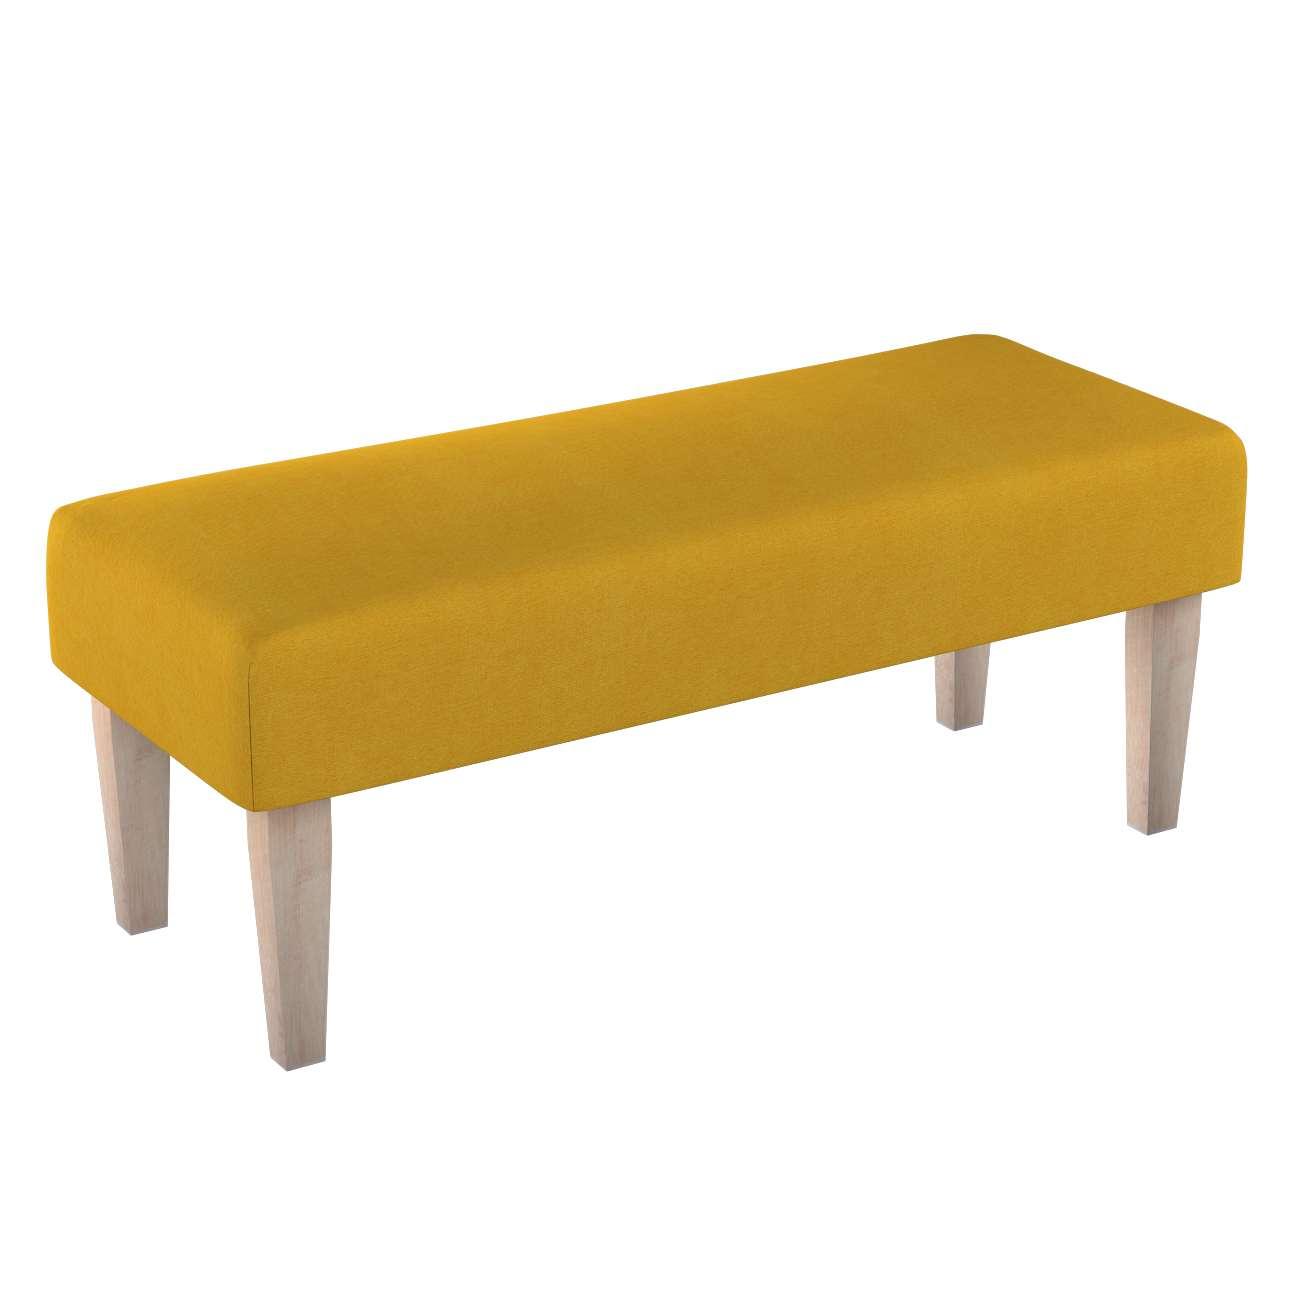 Sitzbank 100 cm 100x40x40cm von der Kollektion Etna, Stoff: 705-04